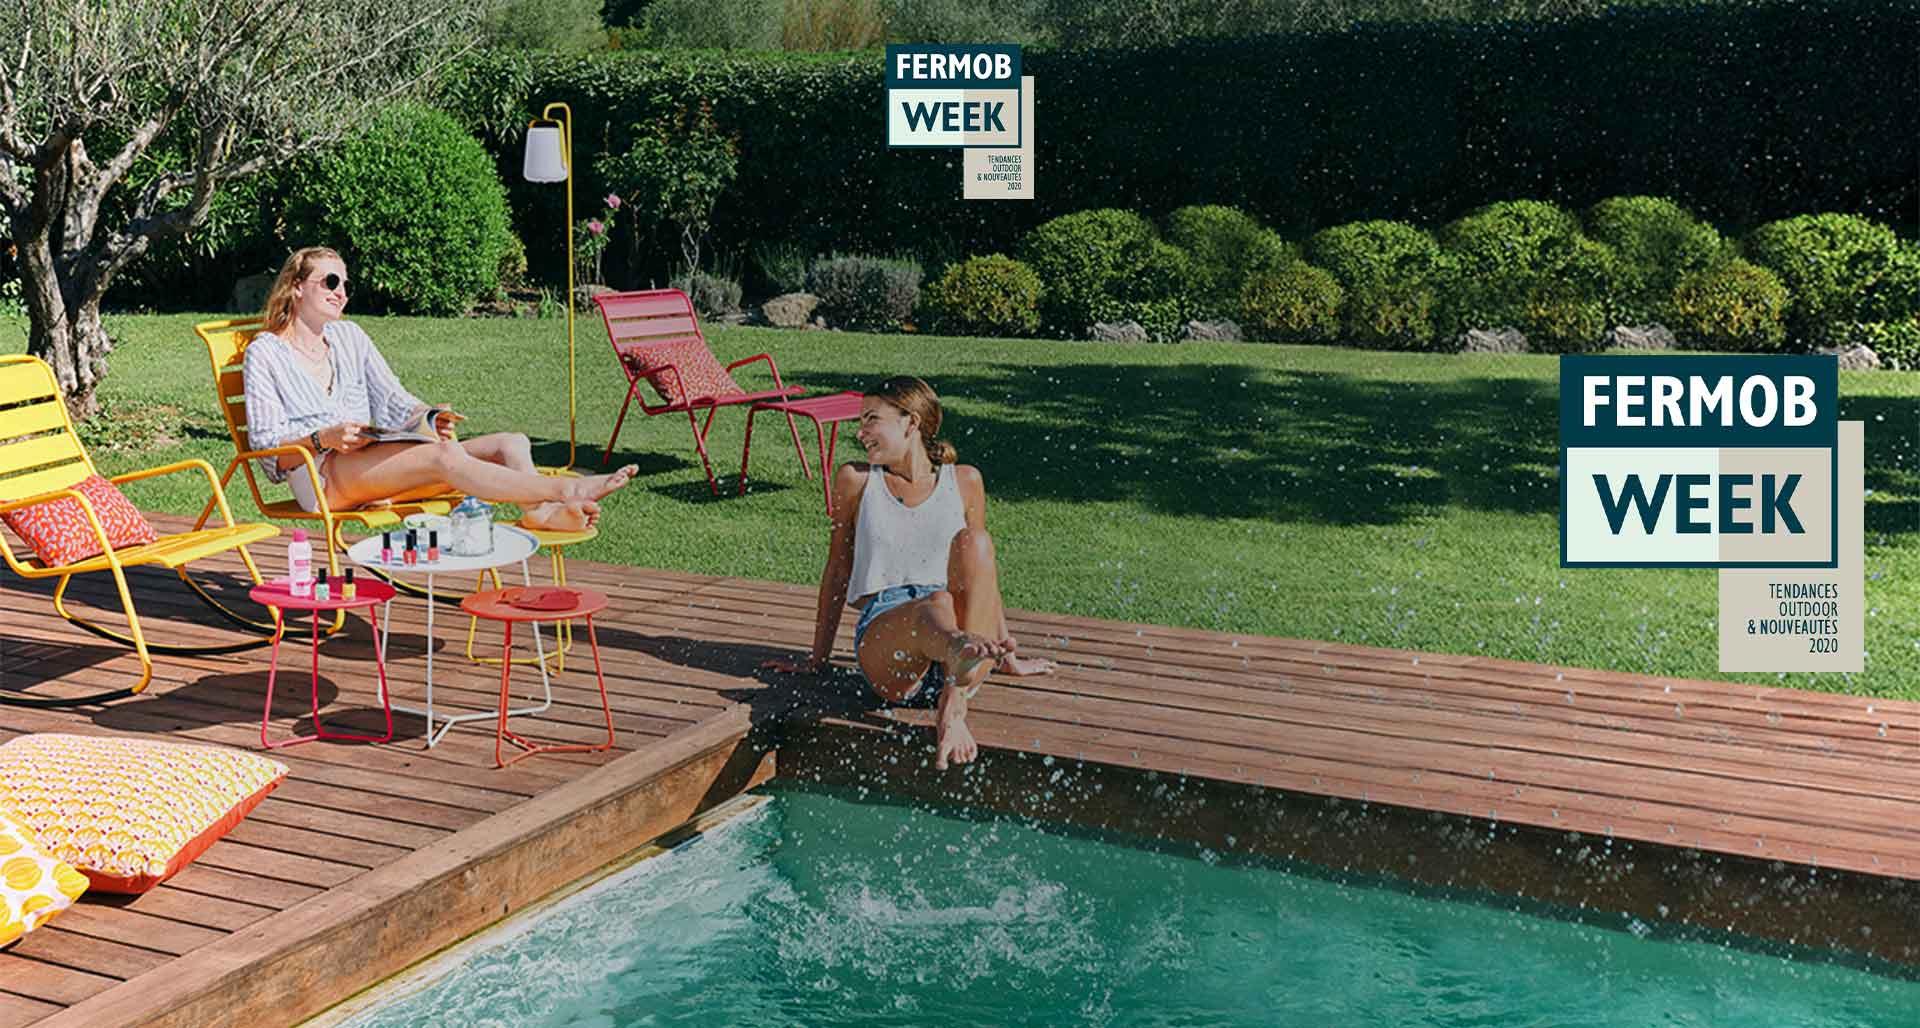 Jardineries Truffaut : Spécialiste Jardin, Animaux, Maison ... intérieur Table De Jardin Truffaut